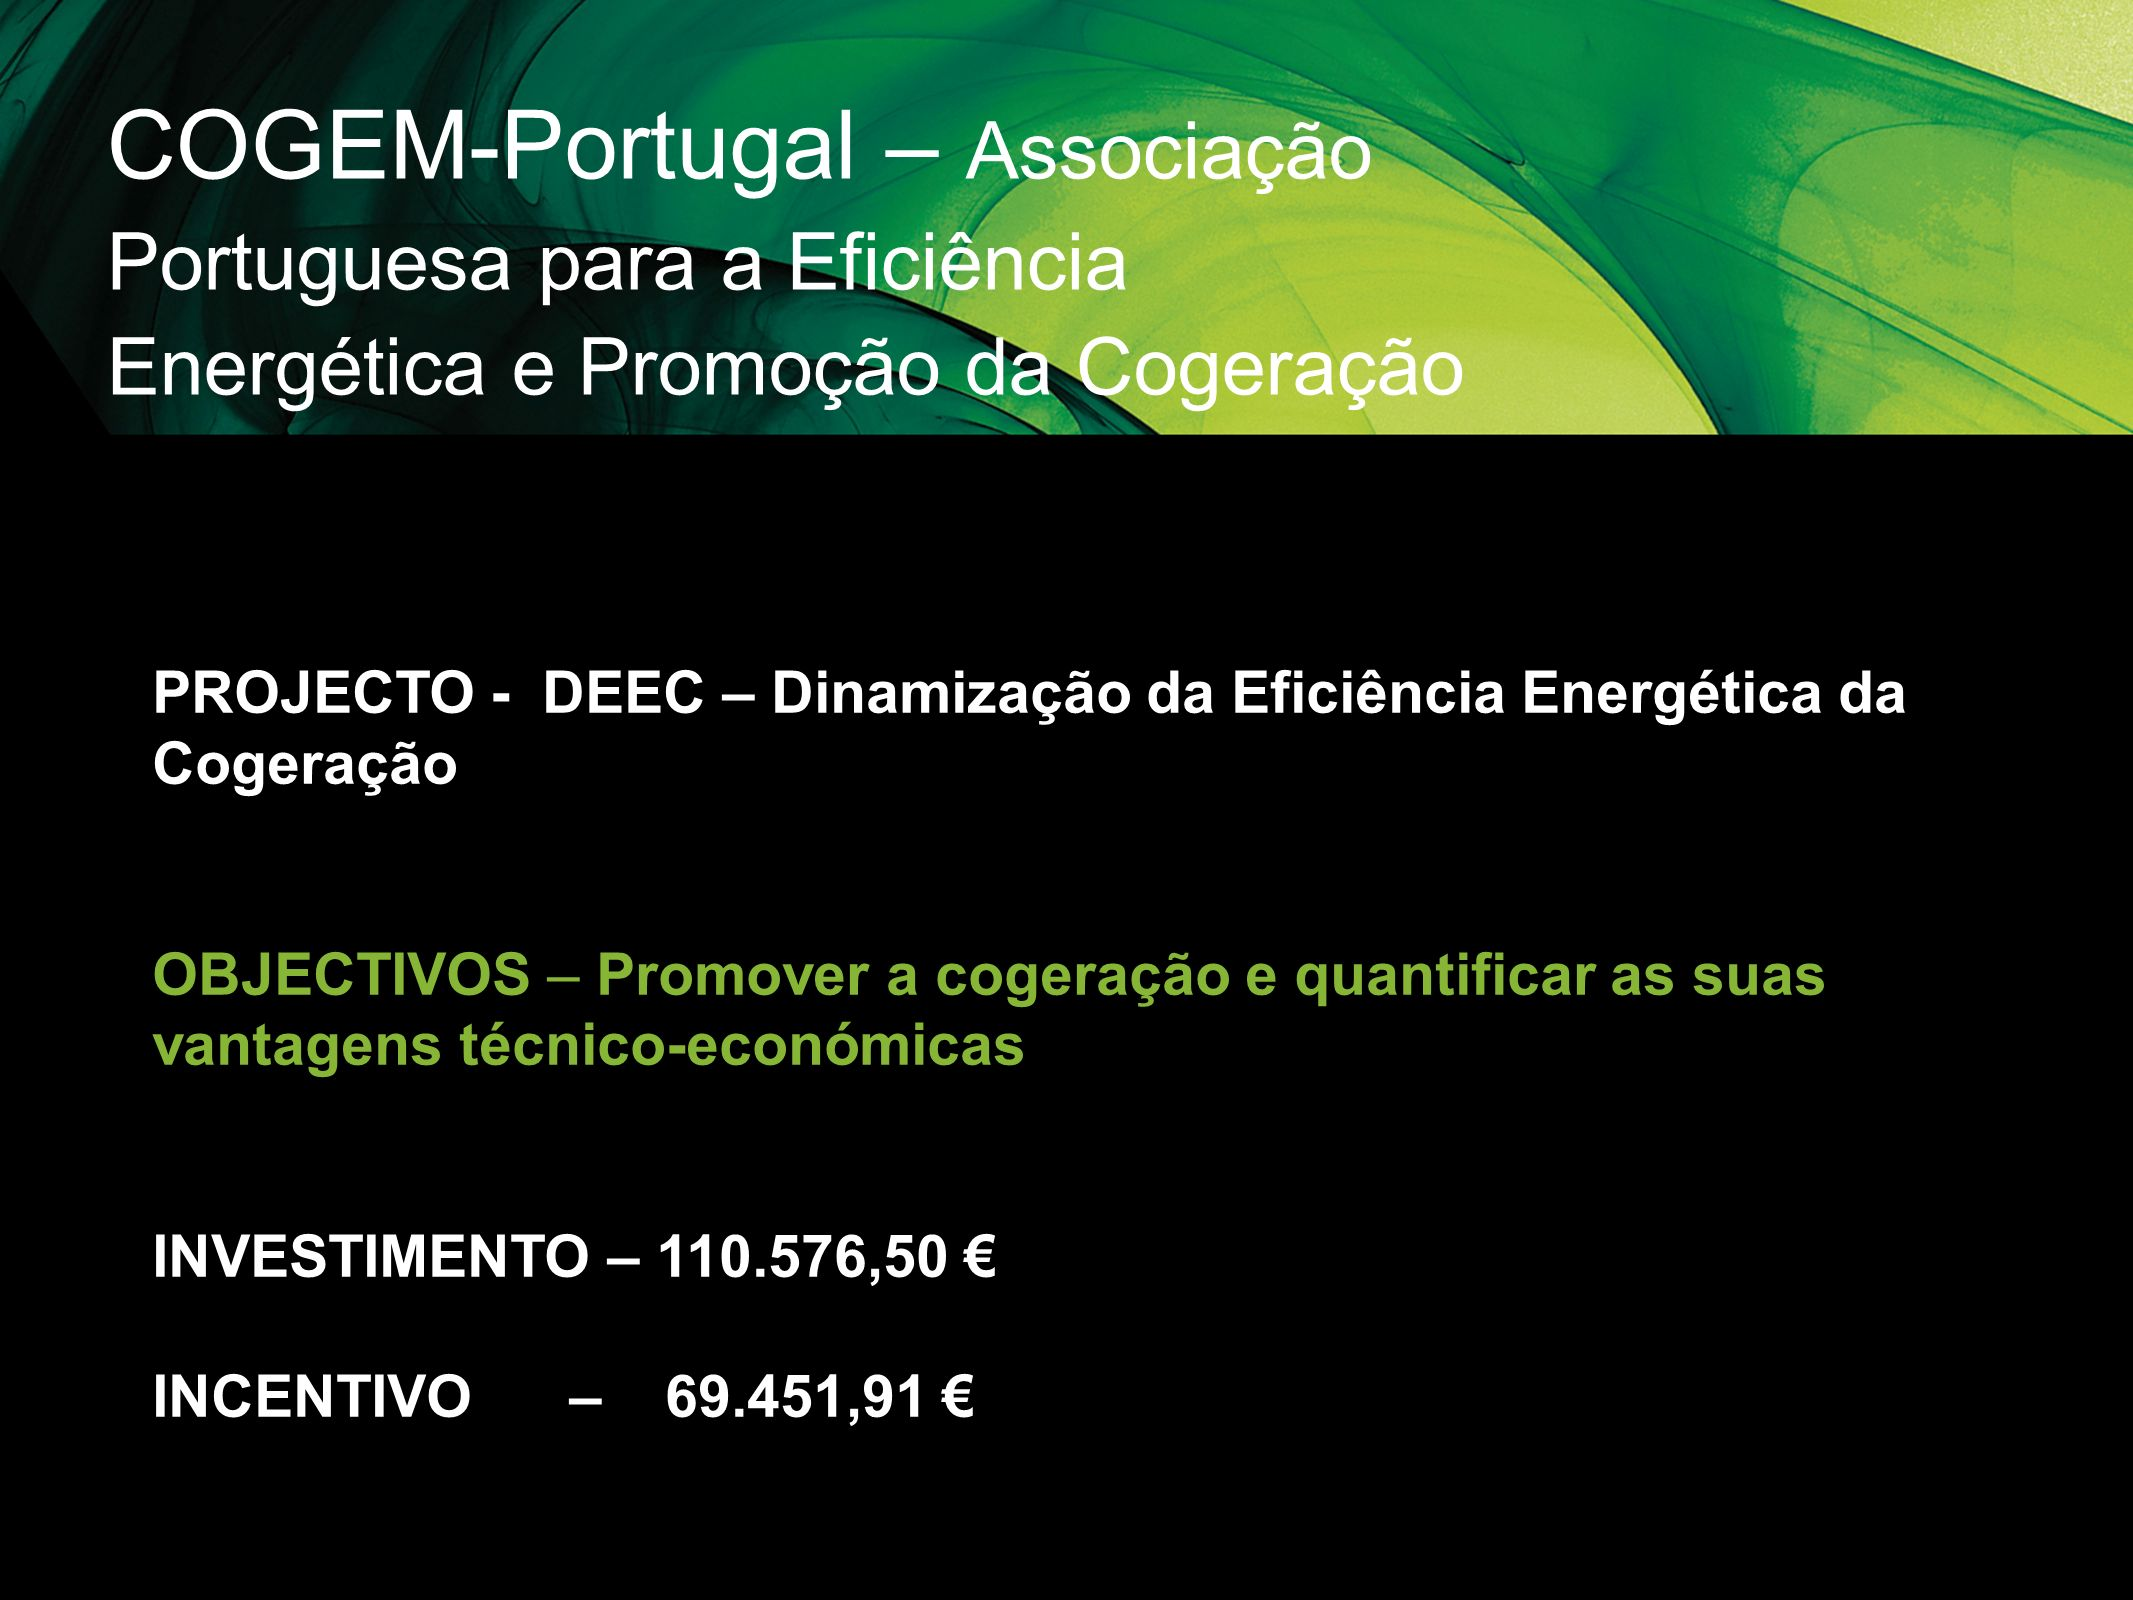 COGEM-Portugal – Associação Portuguesa para a Eficiência Energética e Promoção da Cogeração